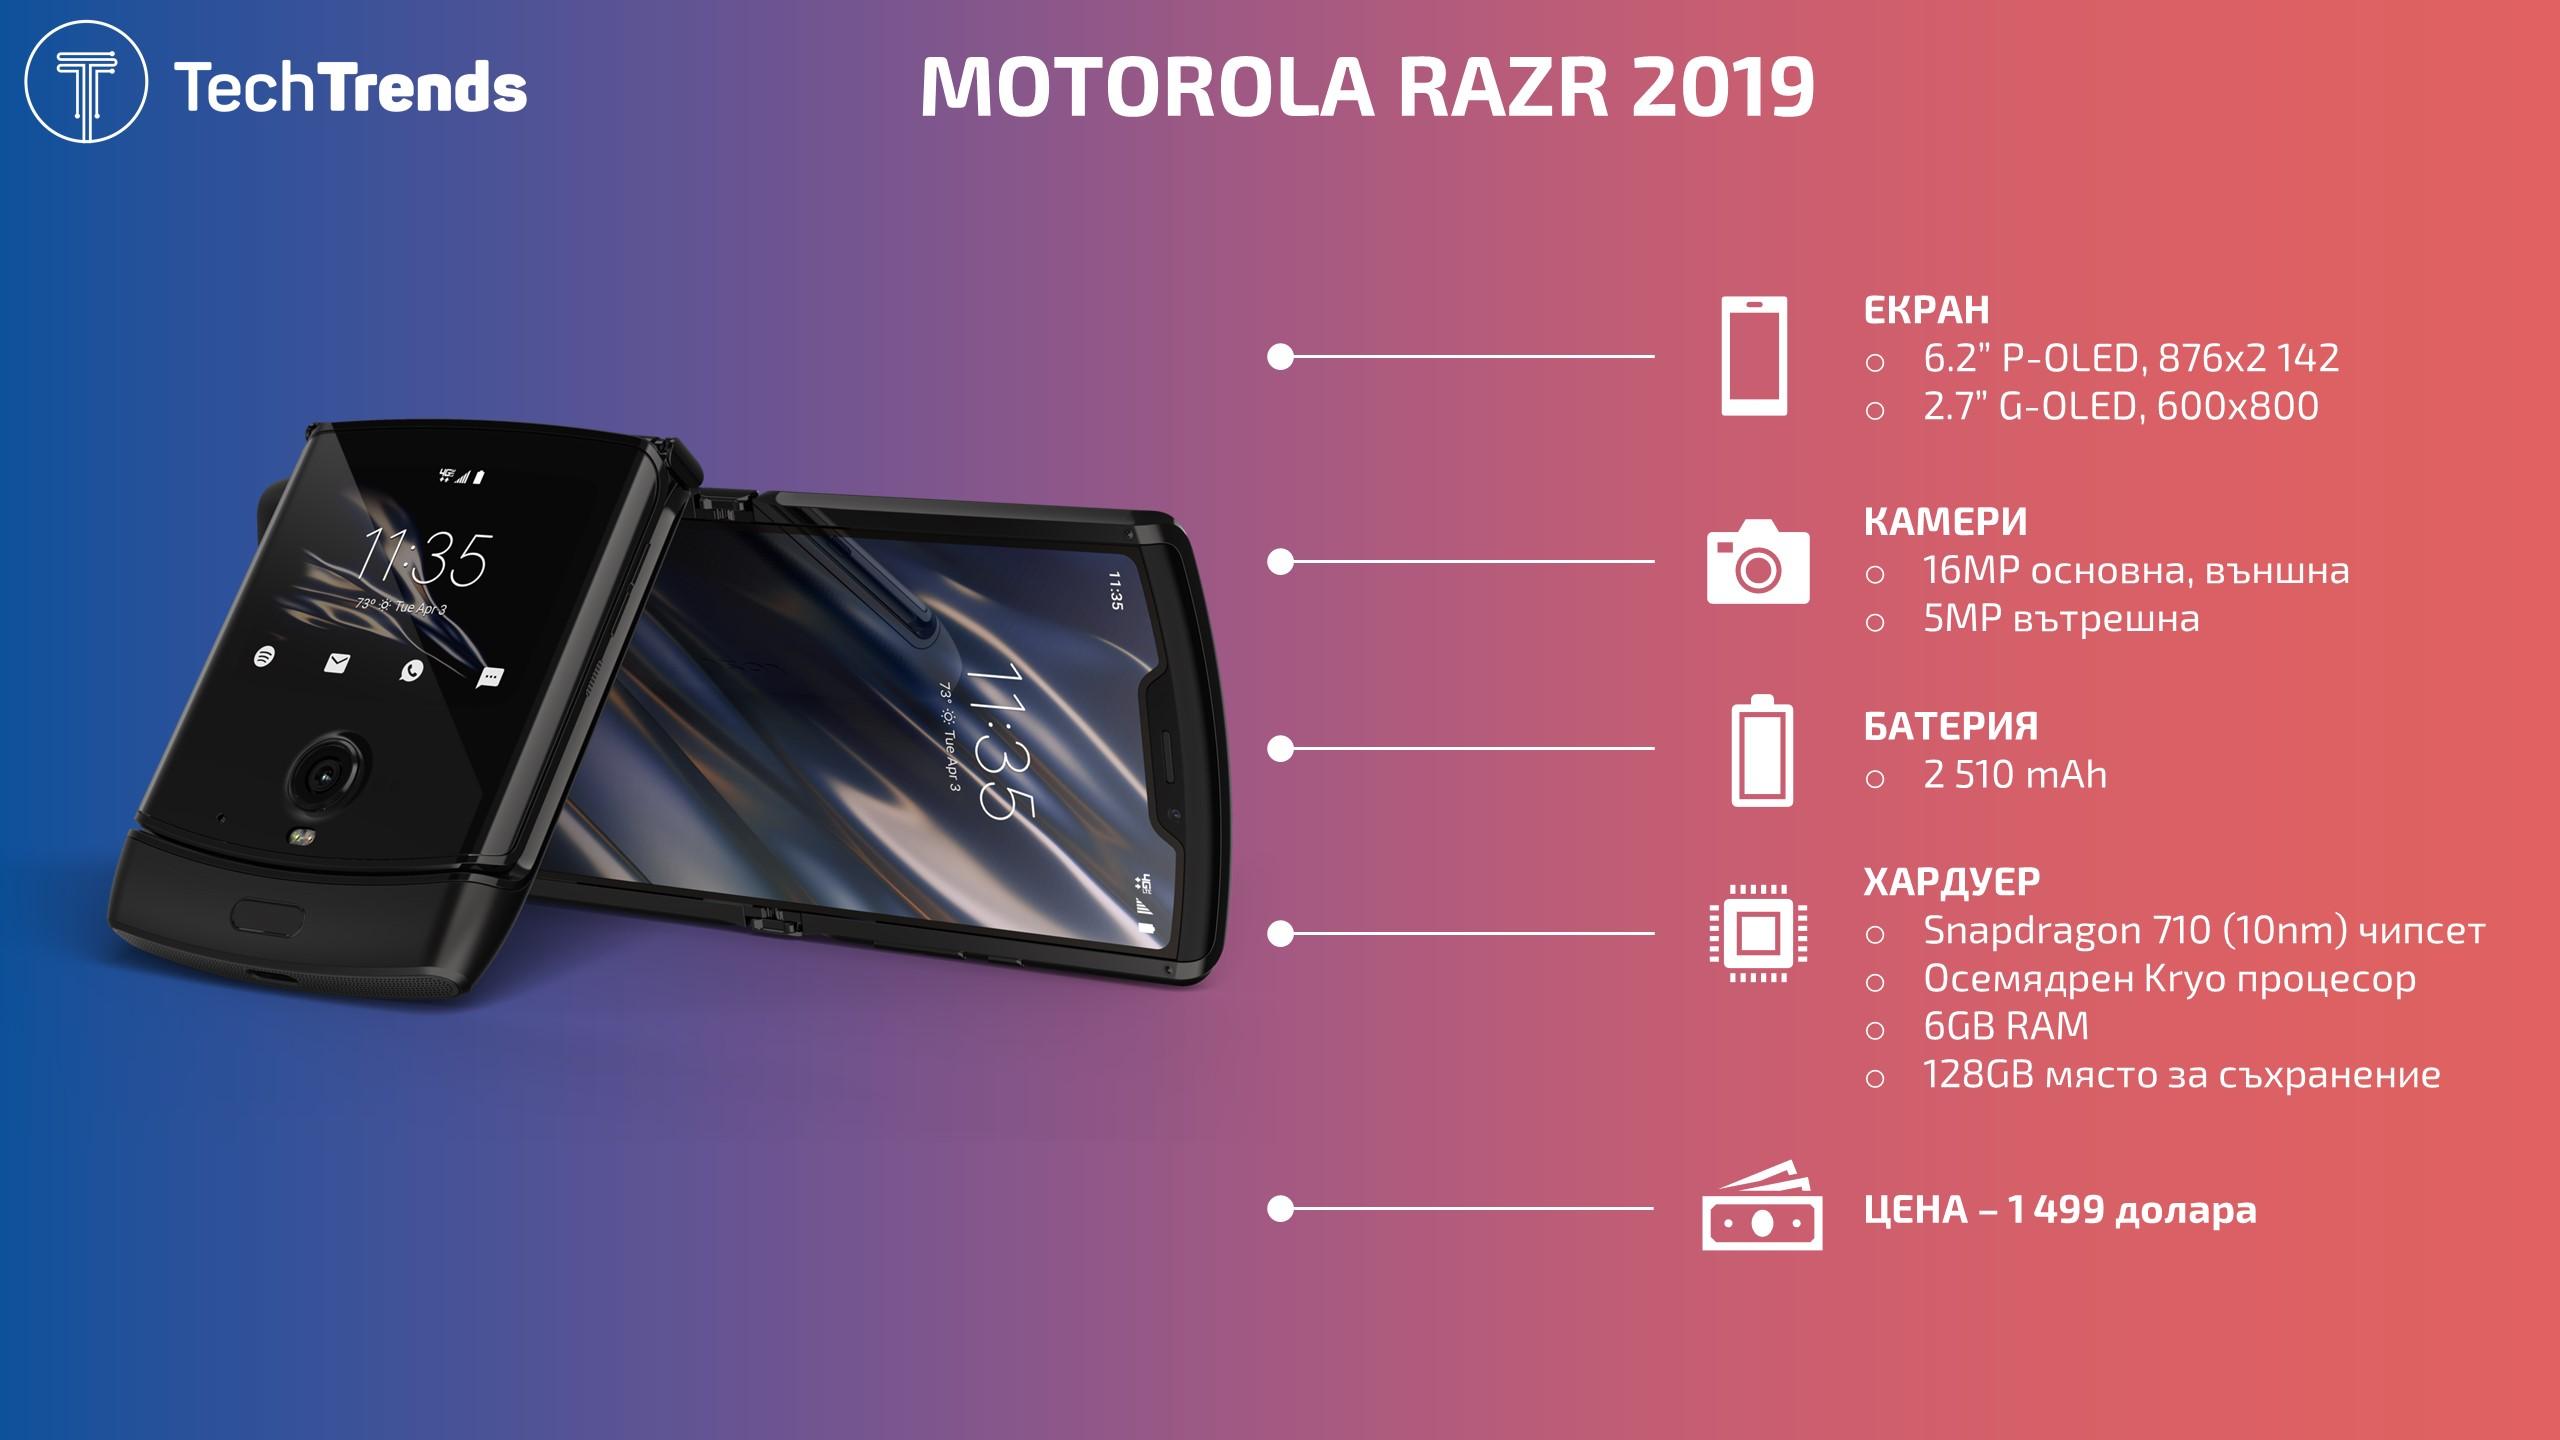 Motorola-Razr-2019-Infographic-1